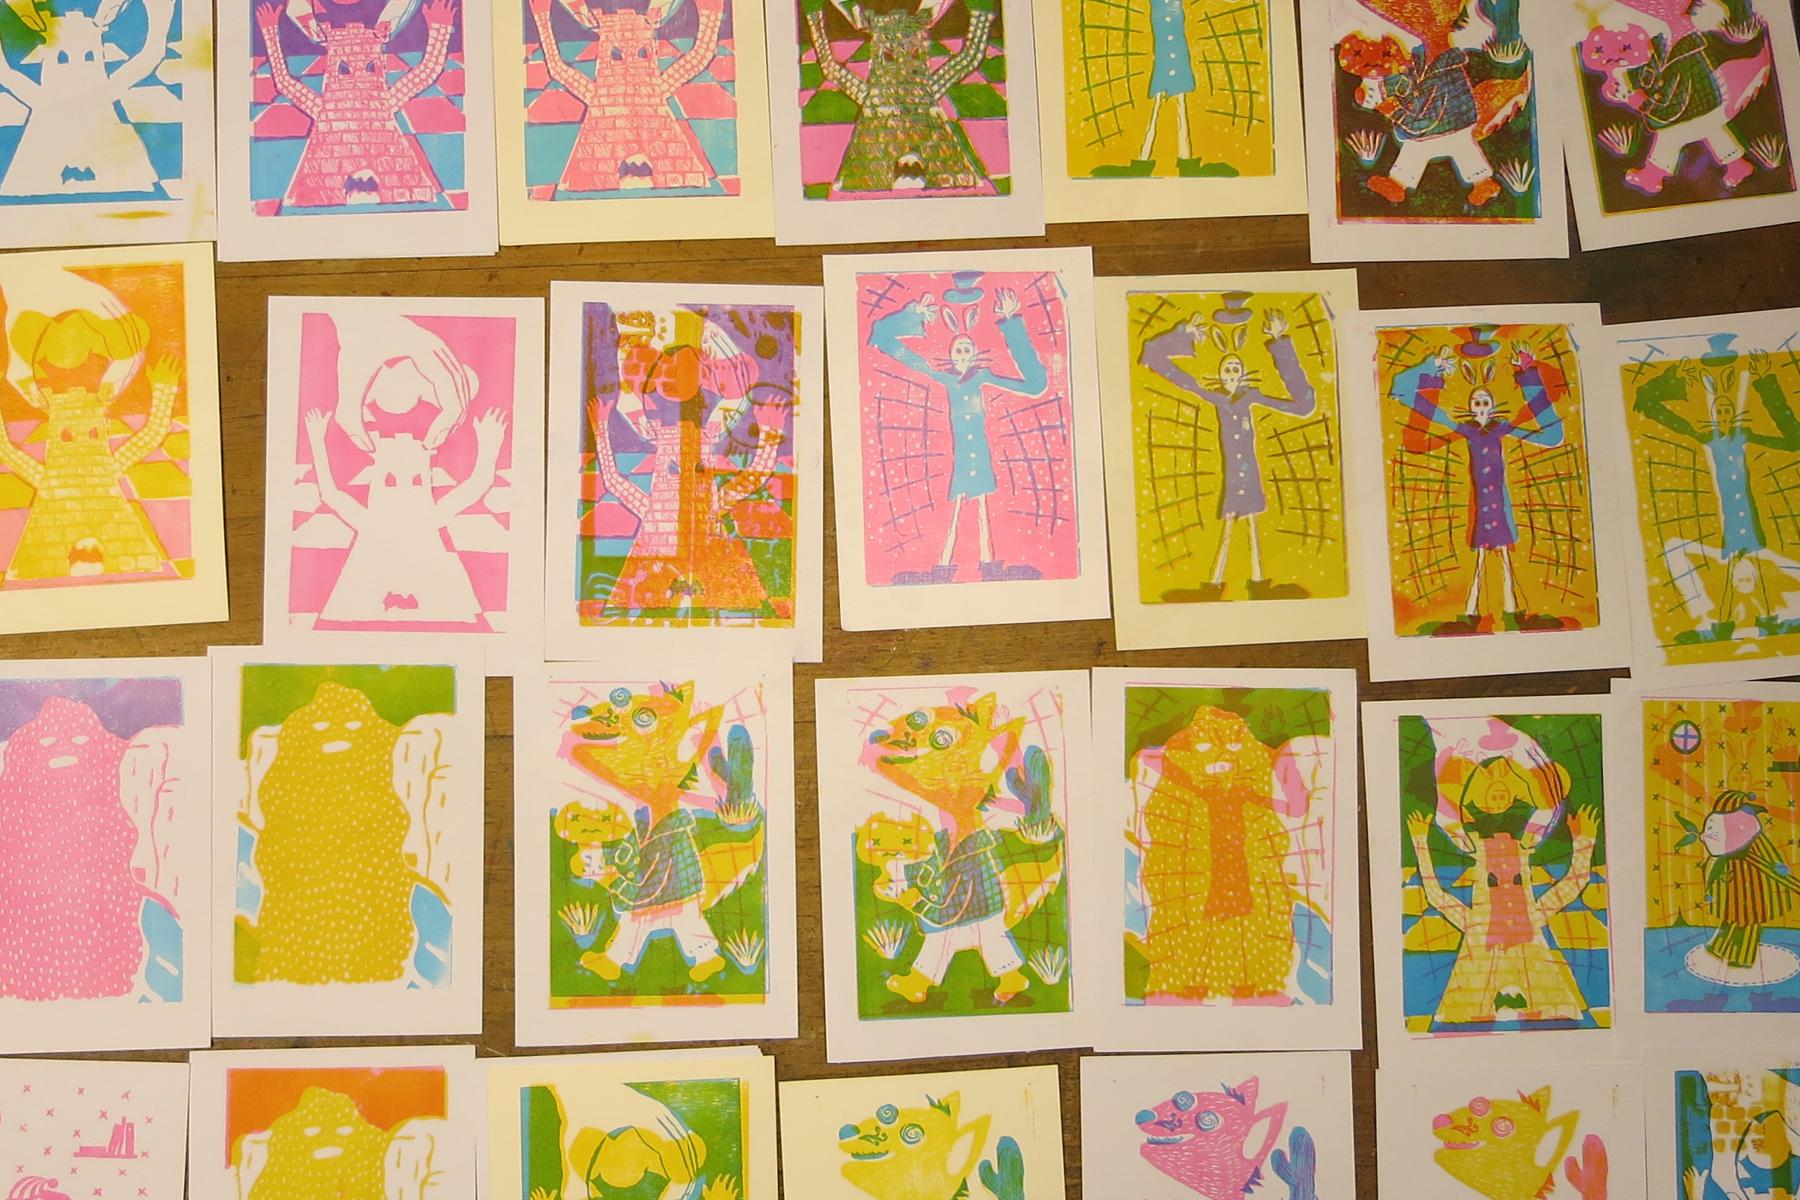 14-iluspress-ilustracion-fotopolimeros-grabado-taller-letra-por-letra-papel-principal-letterpress-imprenta-tipografica-1.jpg